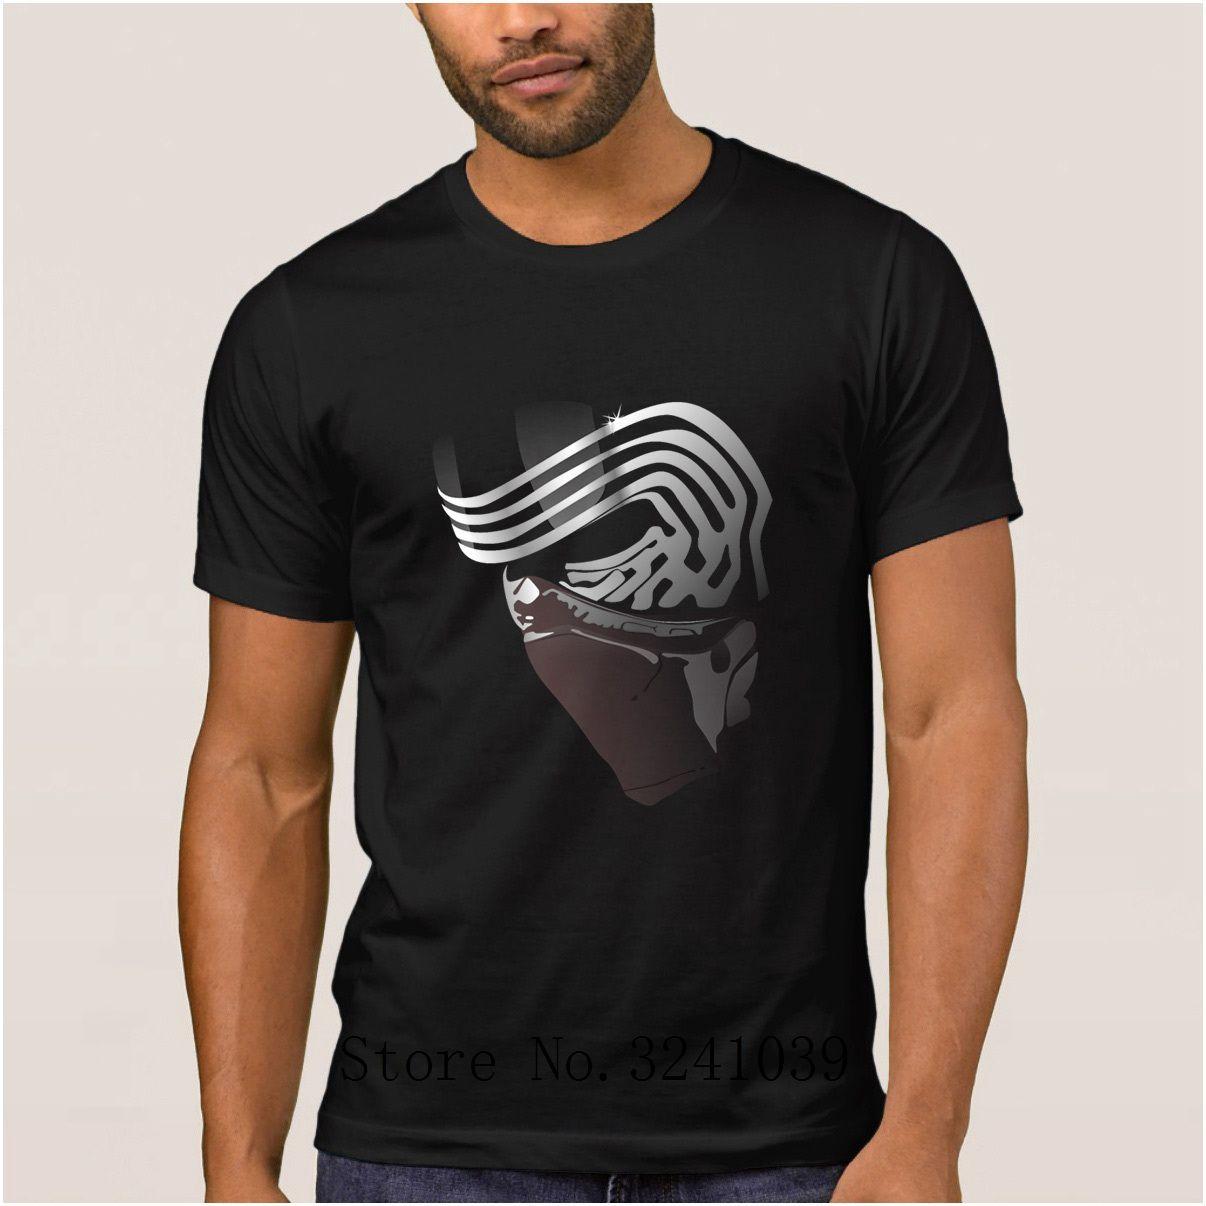 Новый дизайн повседневная Kylo Ren футболка против морщин последняя маска Kylo Ren футболка мужская новинка футболка большой короткий рукав